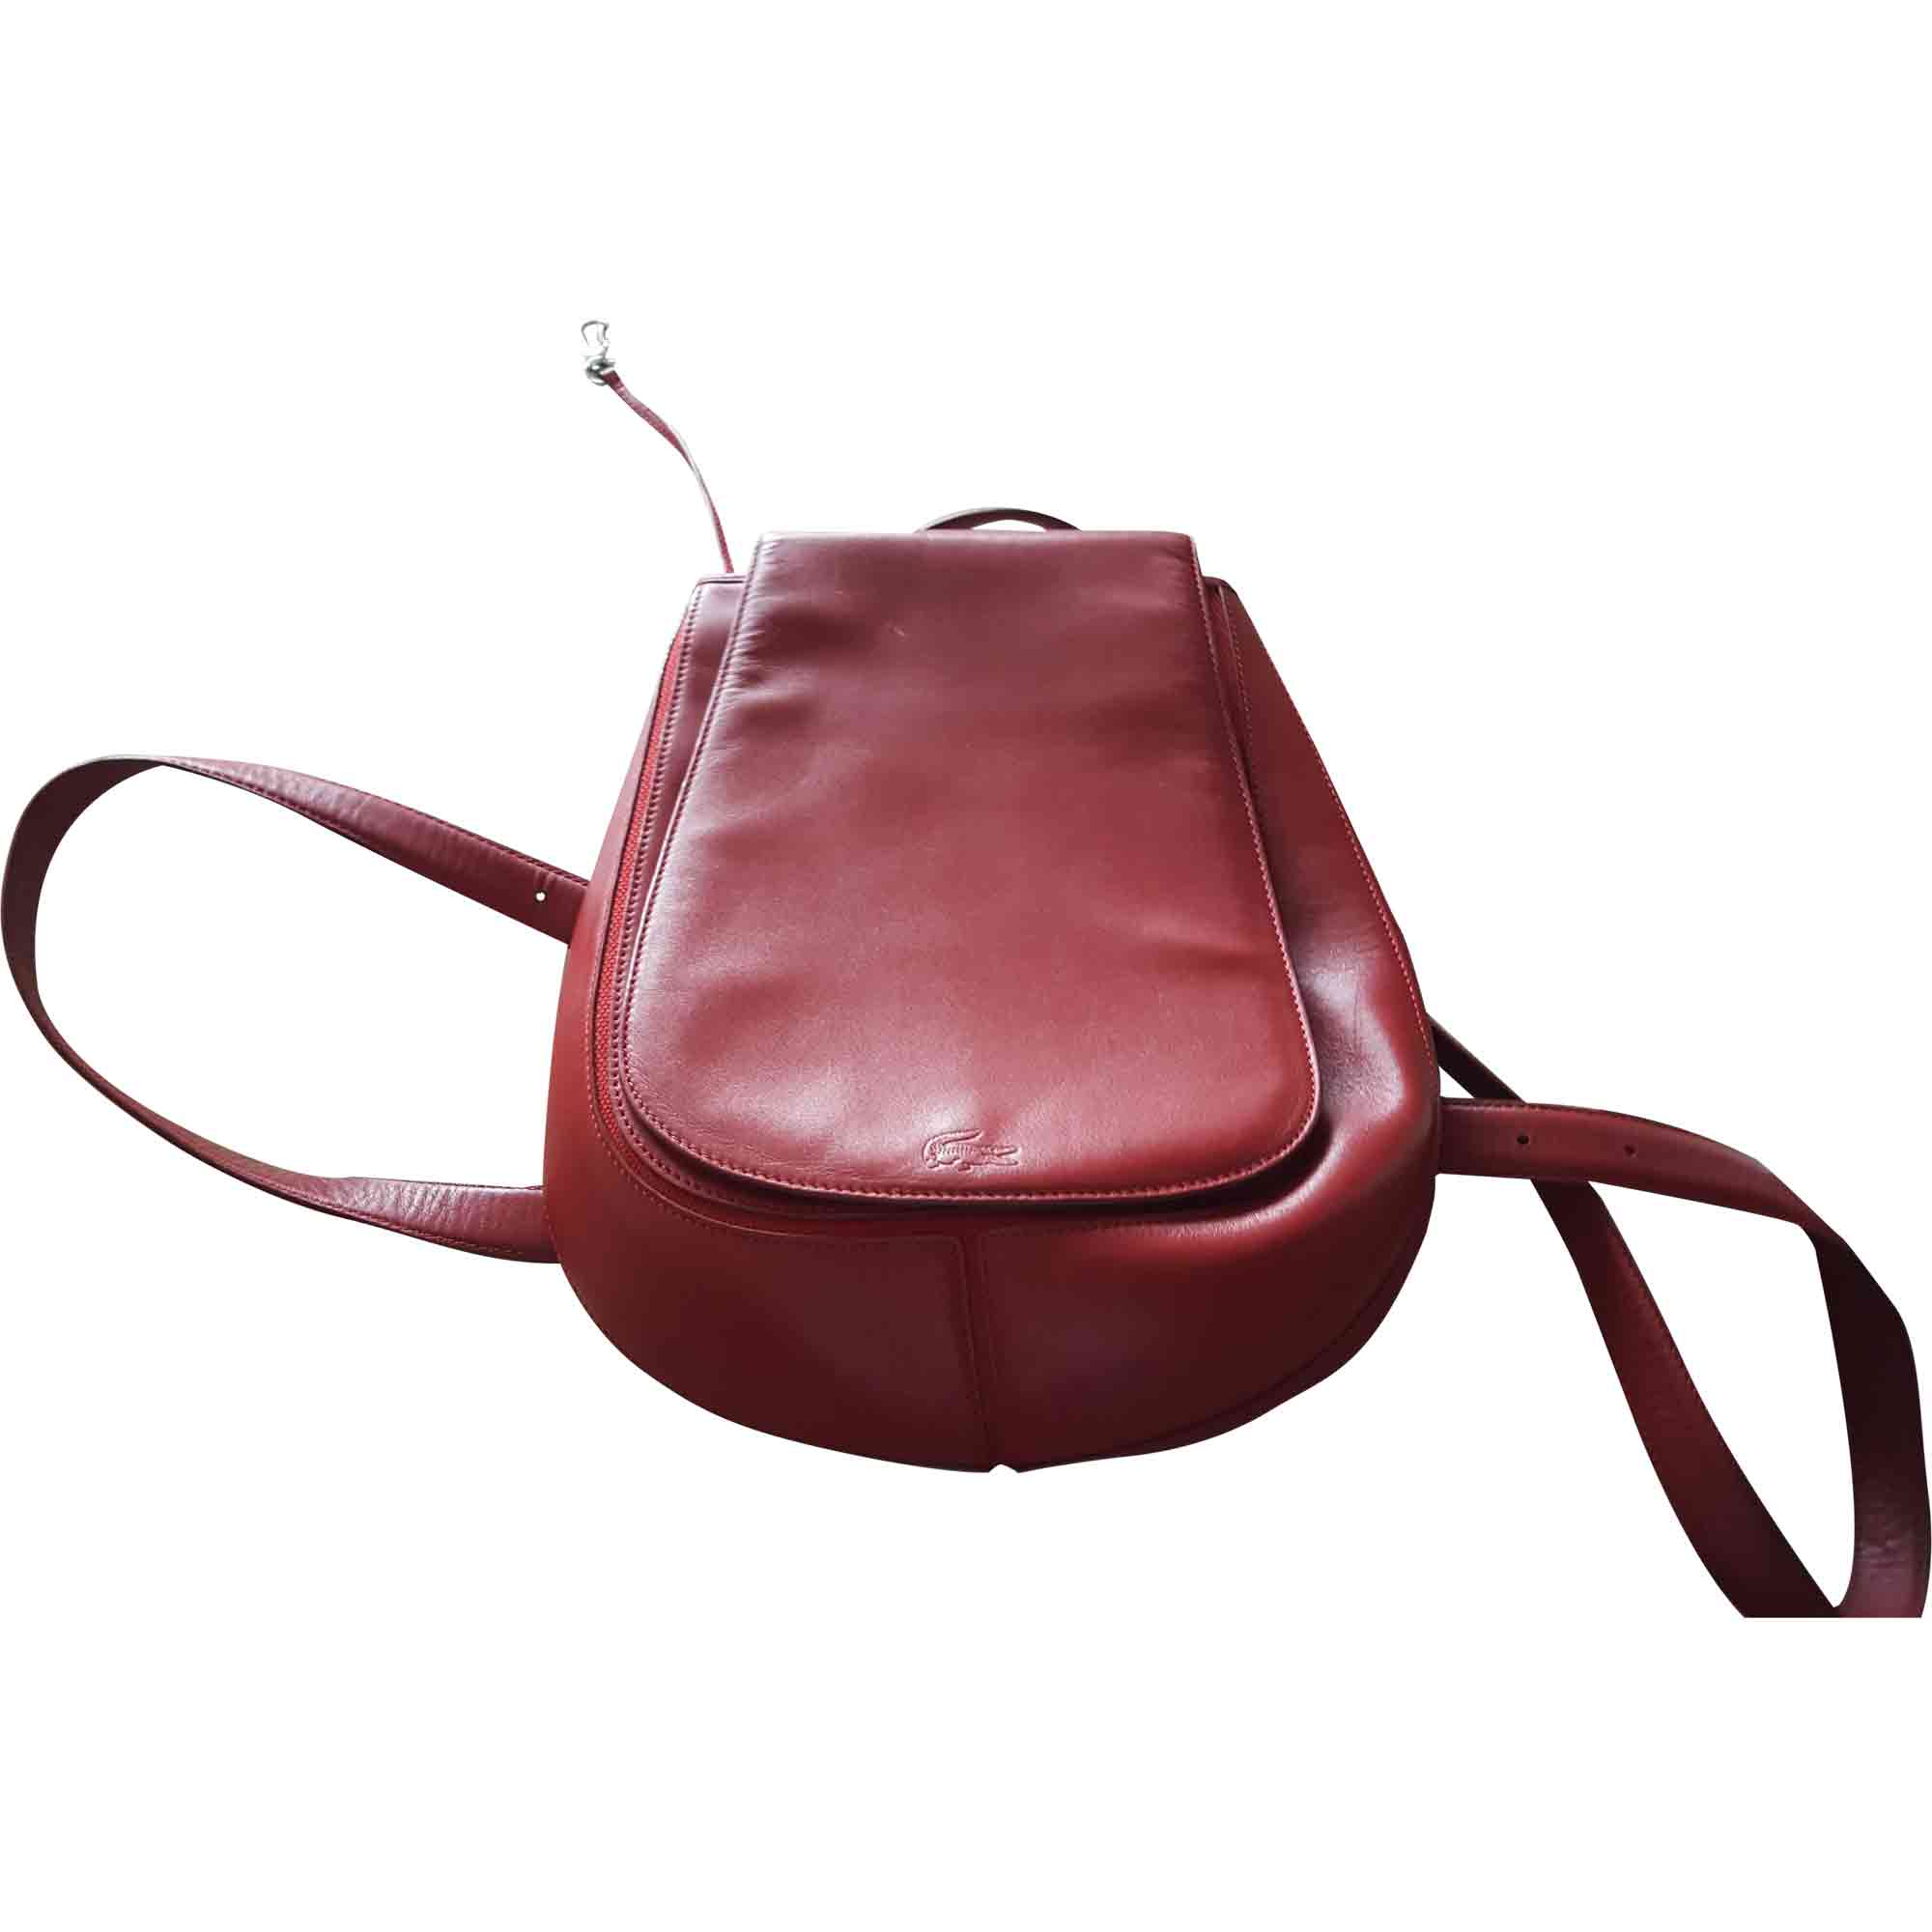 c06c3977bd Sac à dos LACOSTE rouge vendu par Mode et luxe - 6516782